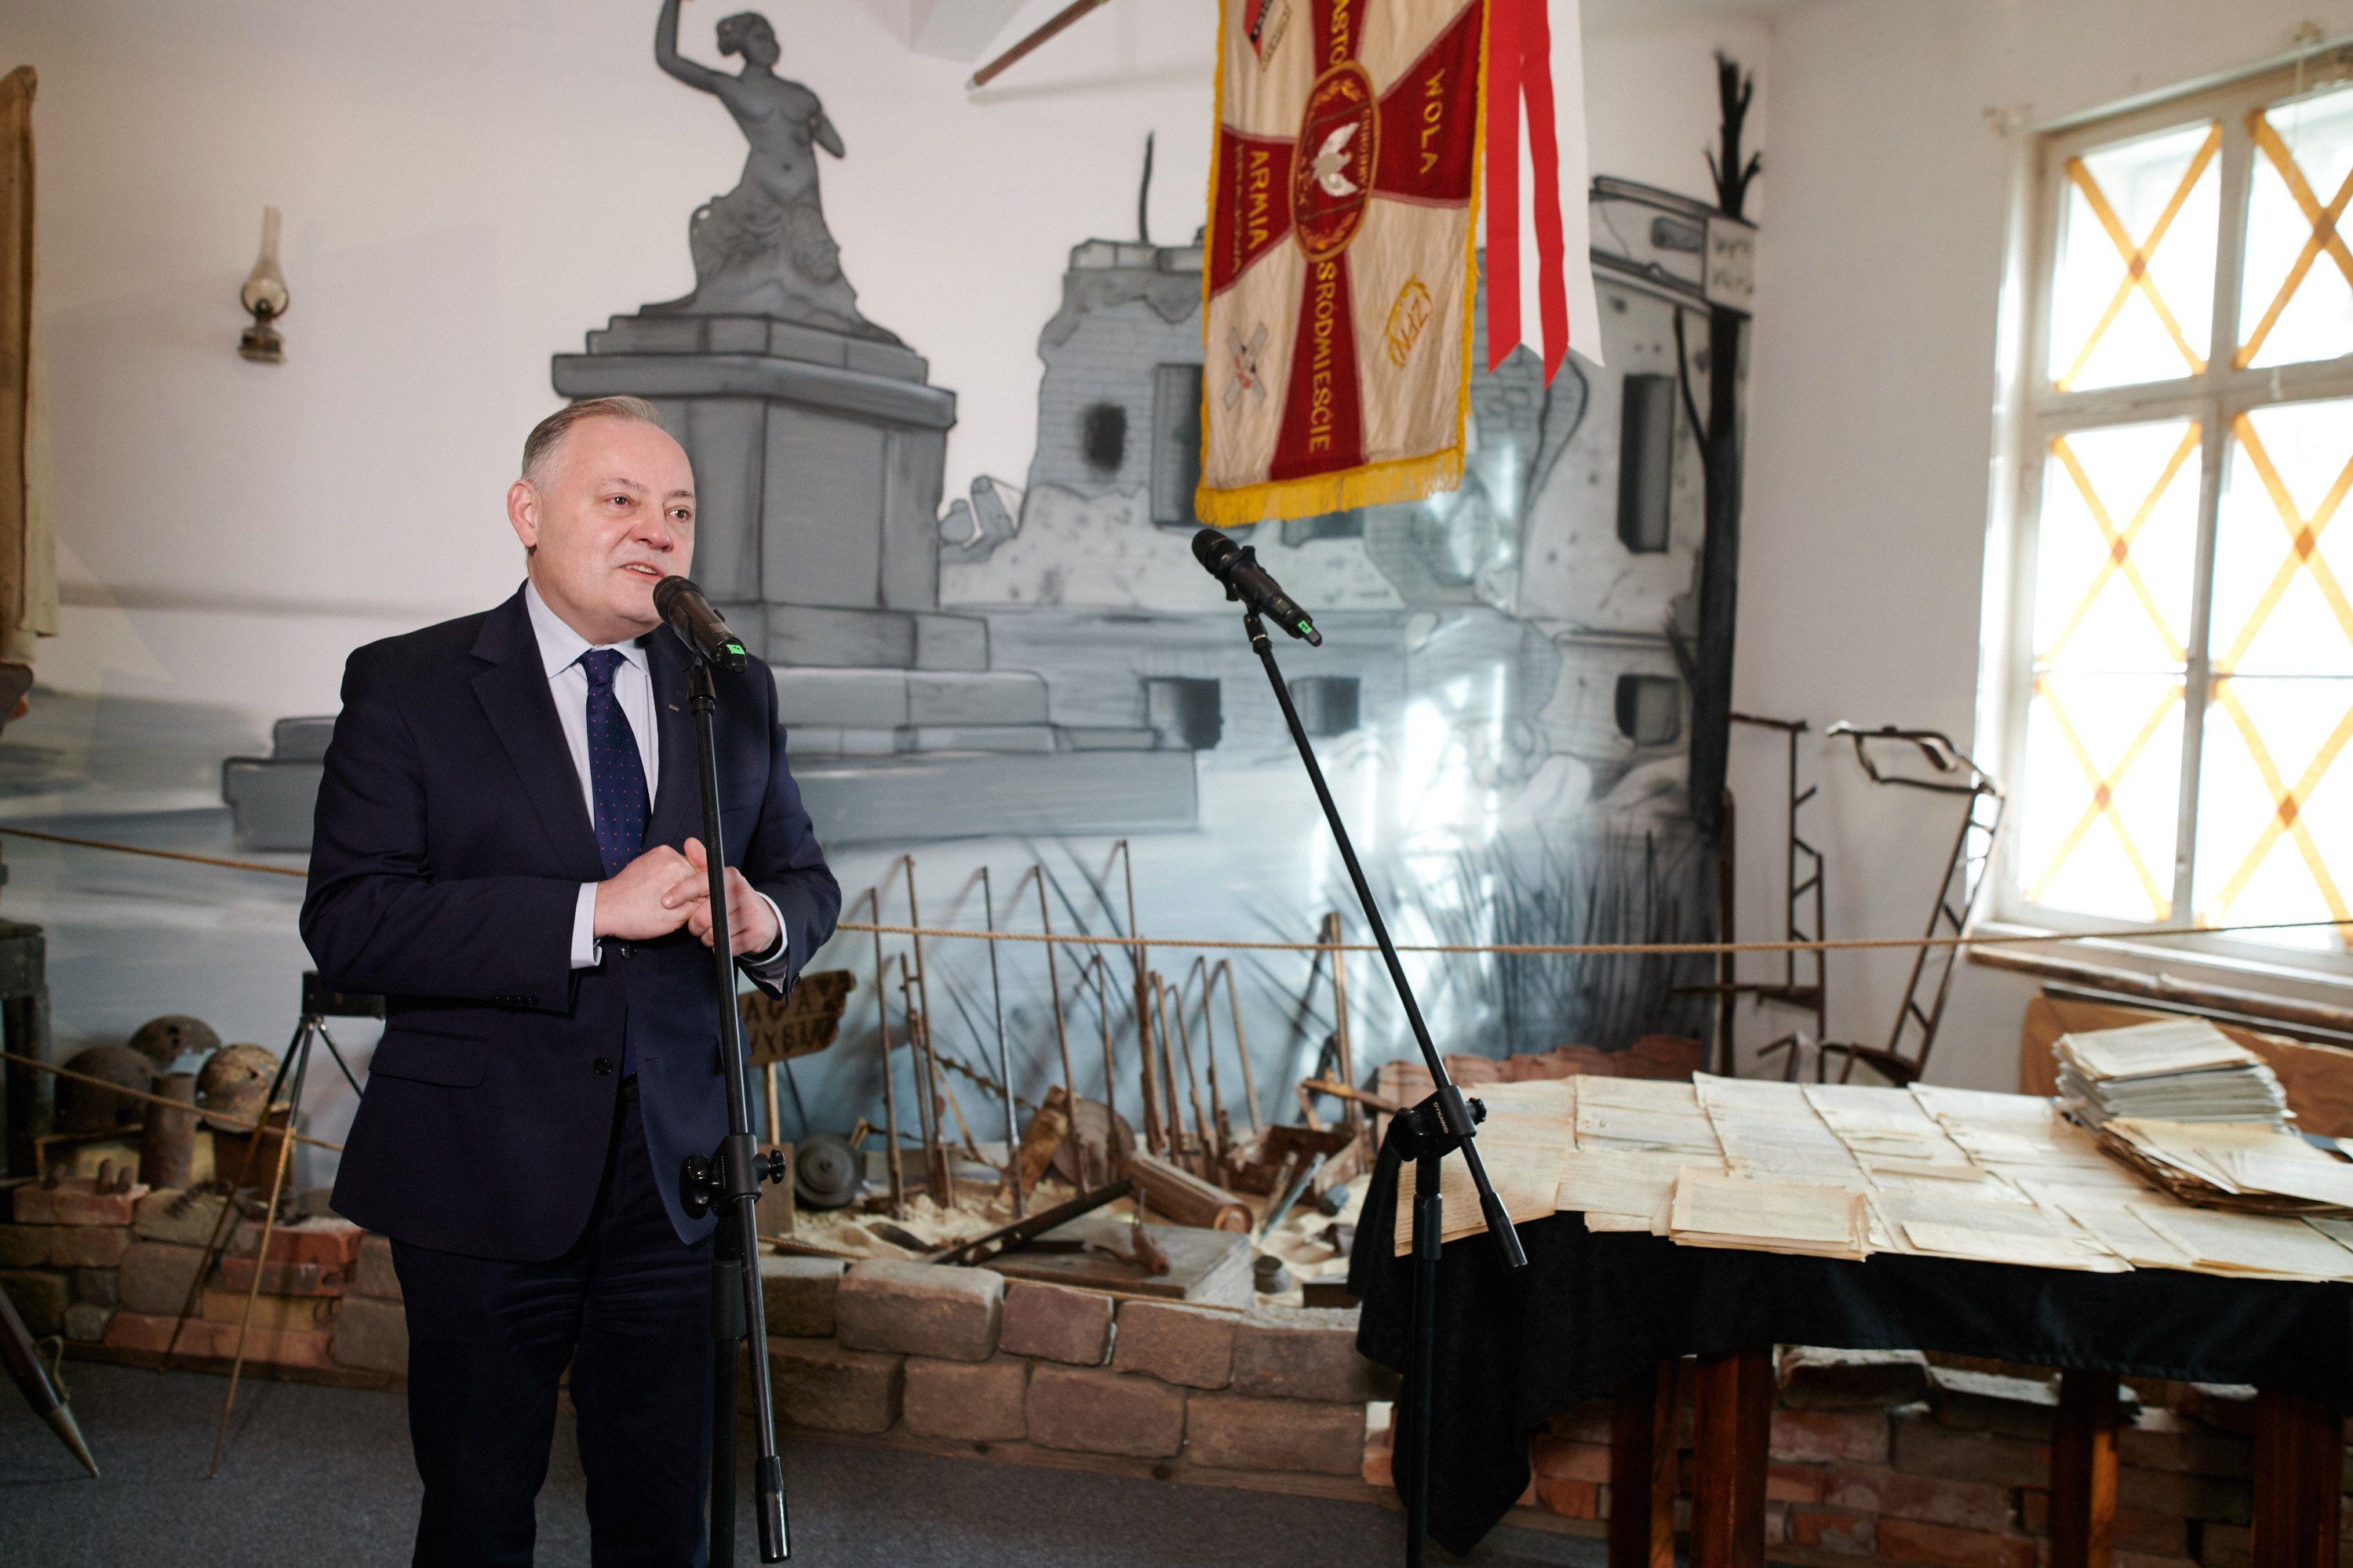 pge-przekazala-muzeum-pamieci-powstania-warszawskiego-unikalne-dokumenty-ak_2.jpg